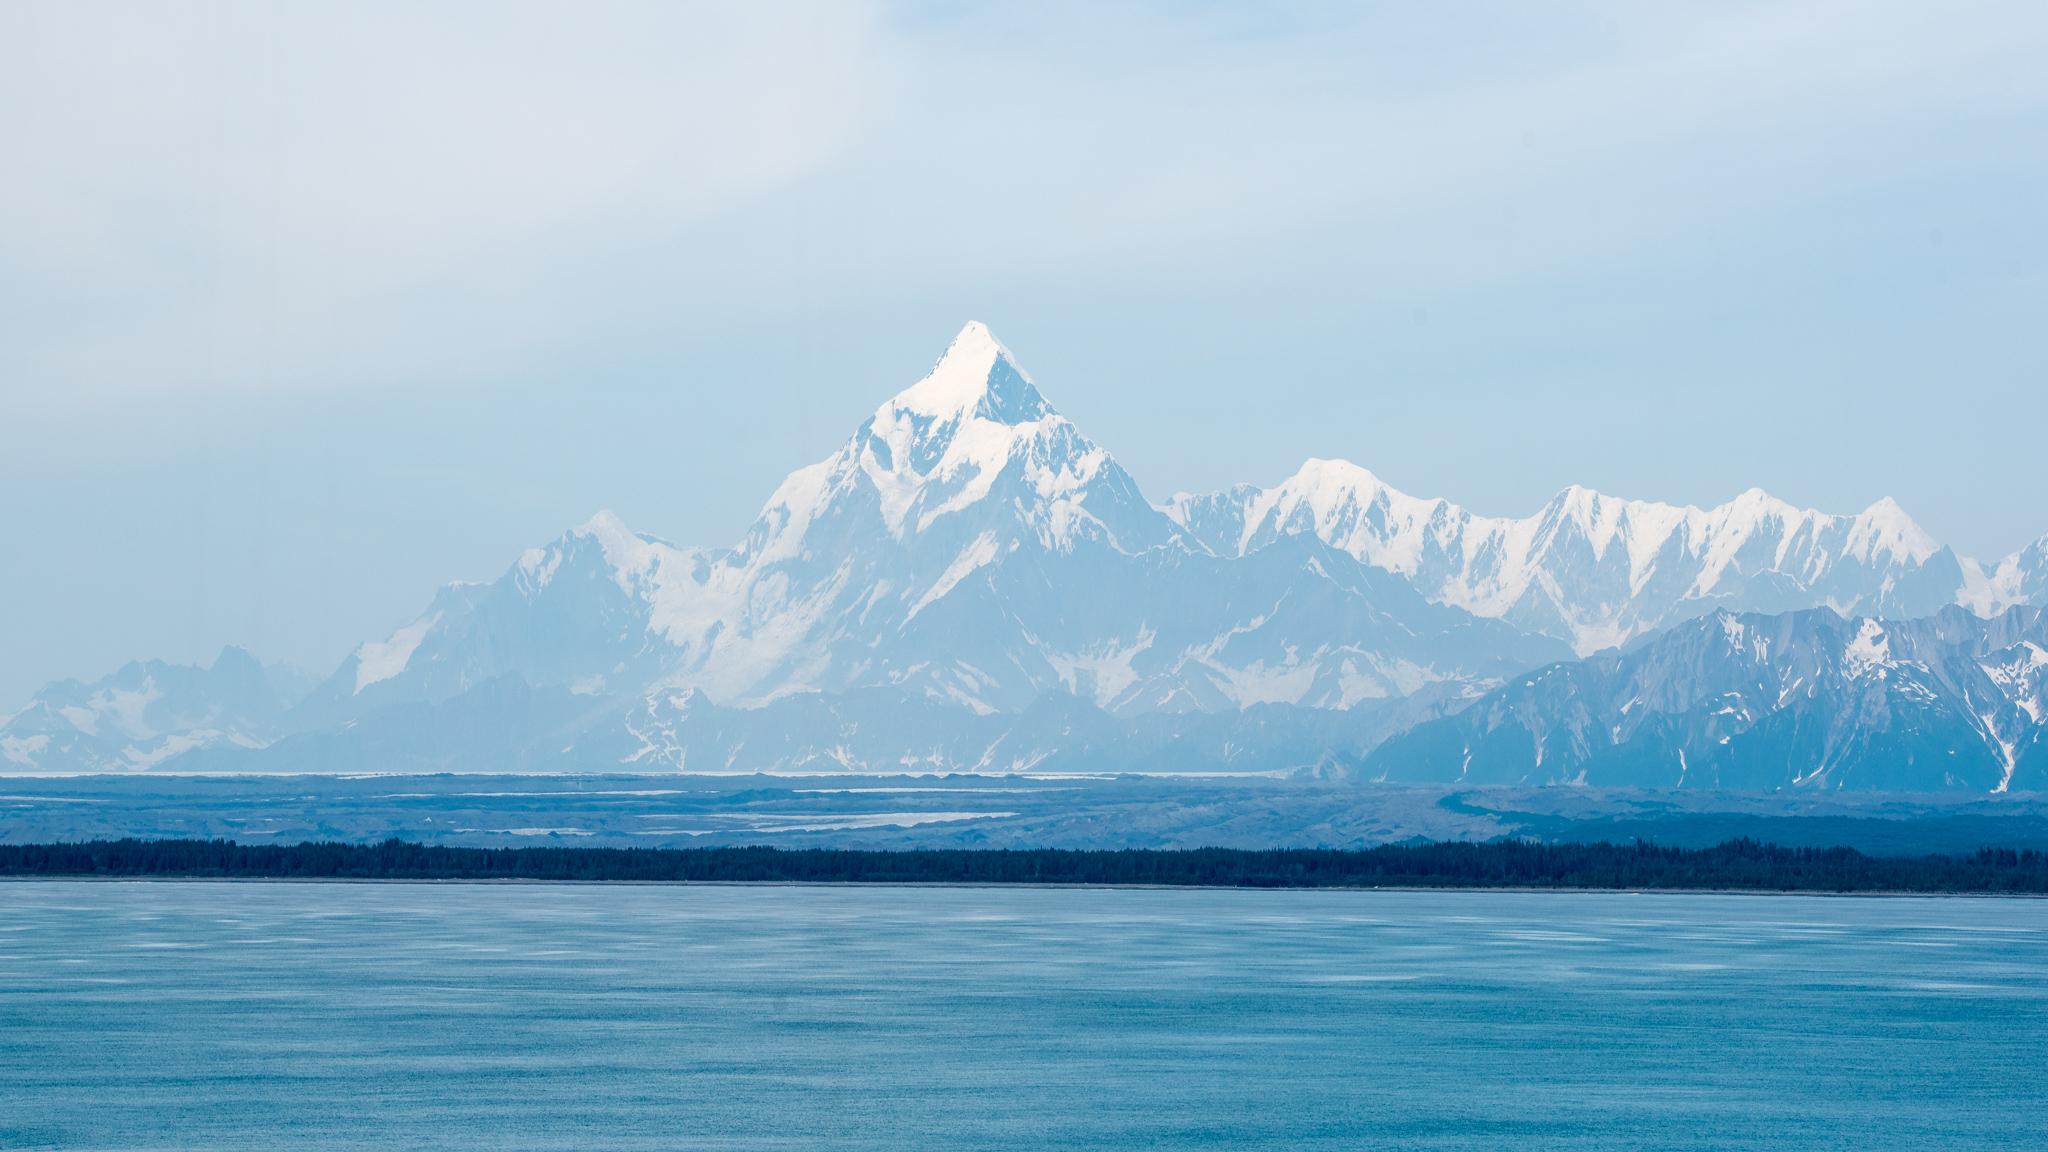 2017-08-09 - Hubbard Glacier - 110